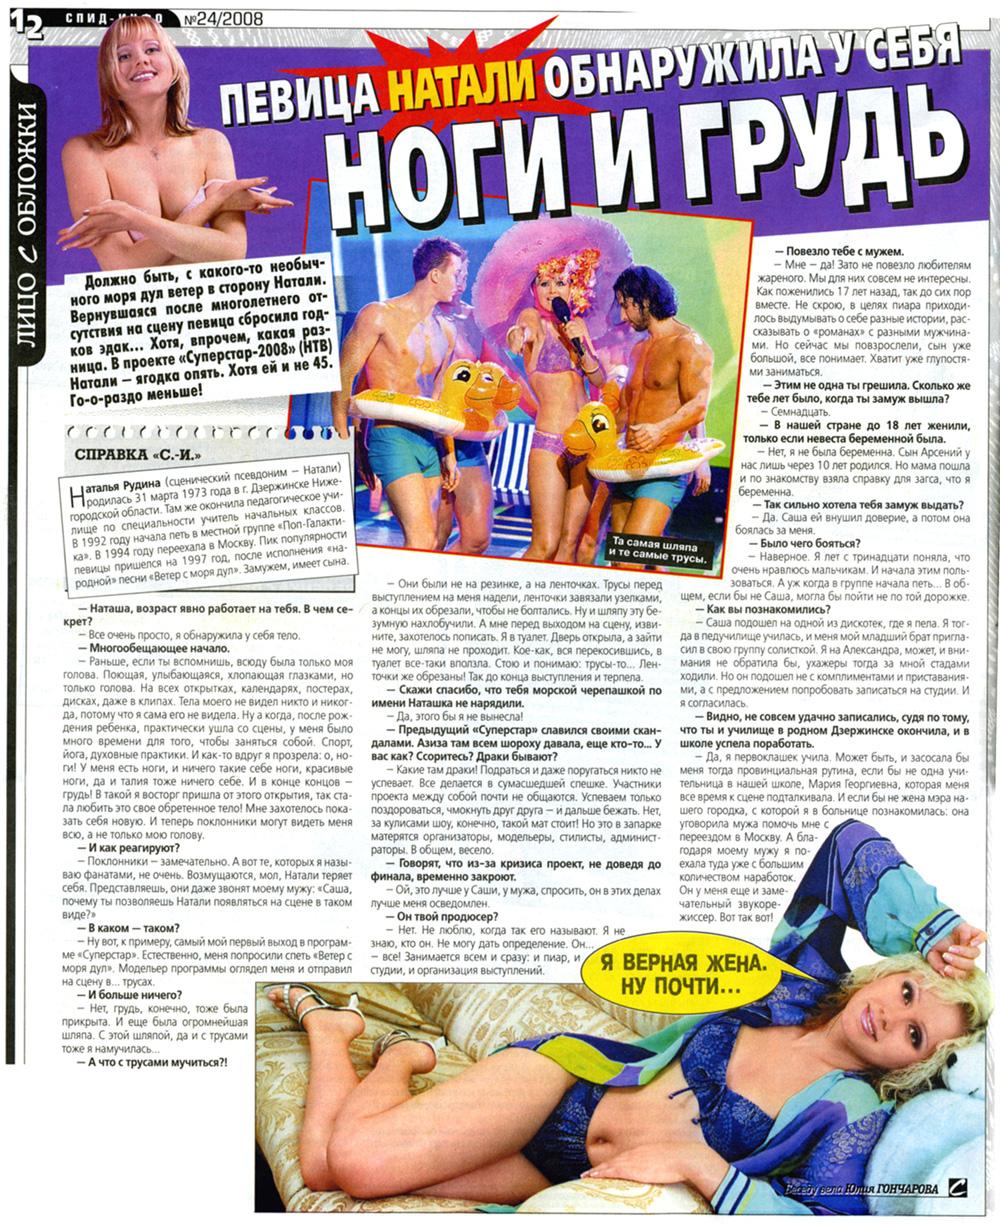 Эротические порно com фото